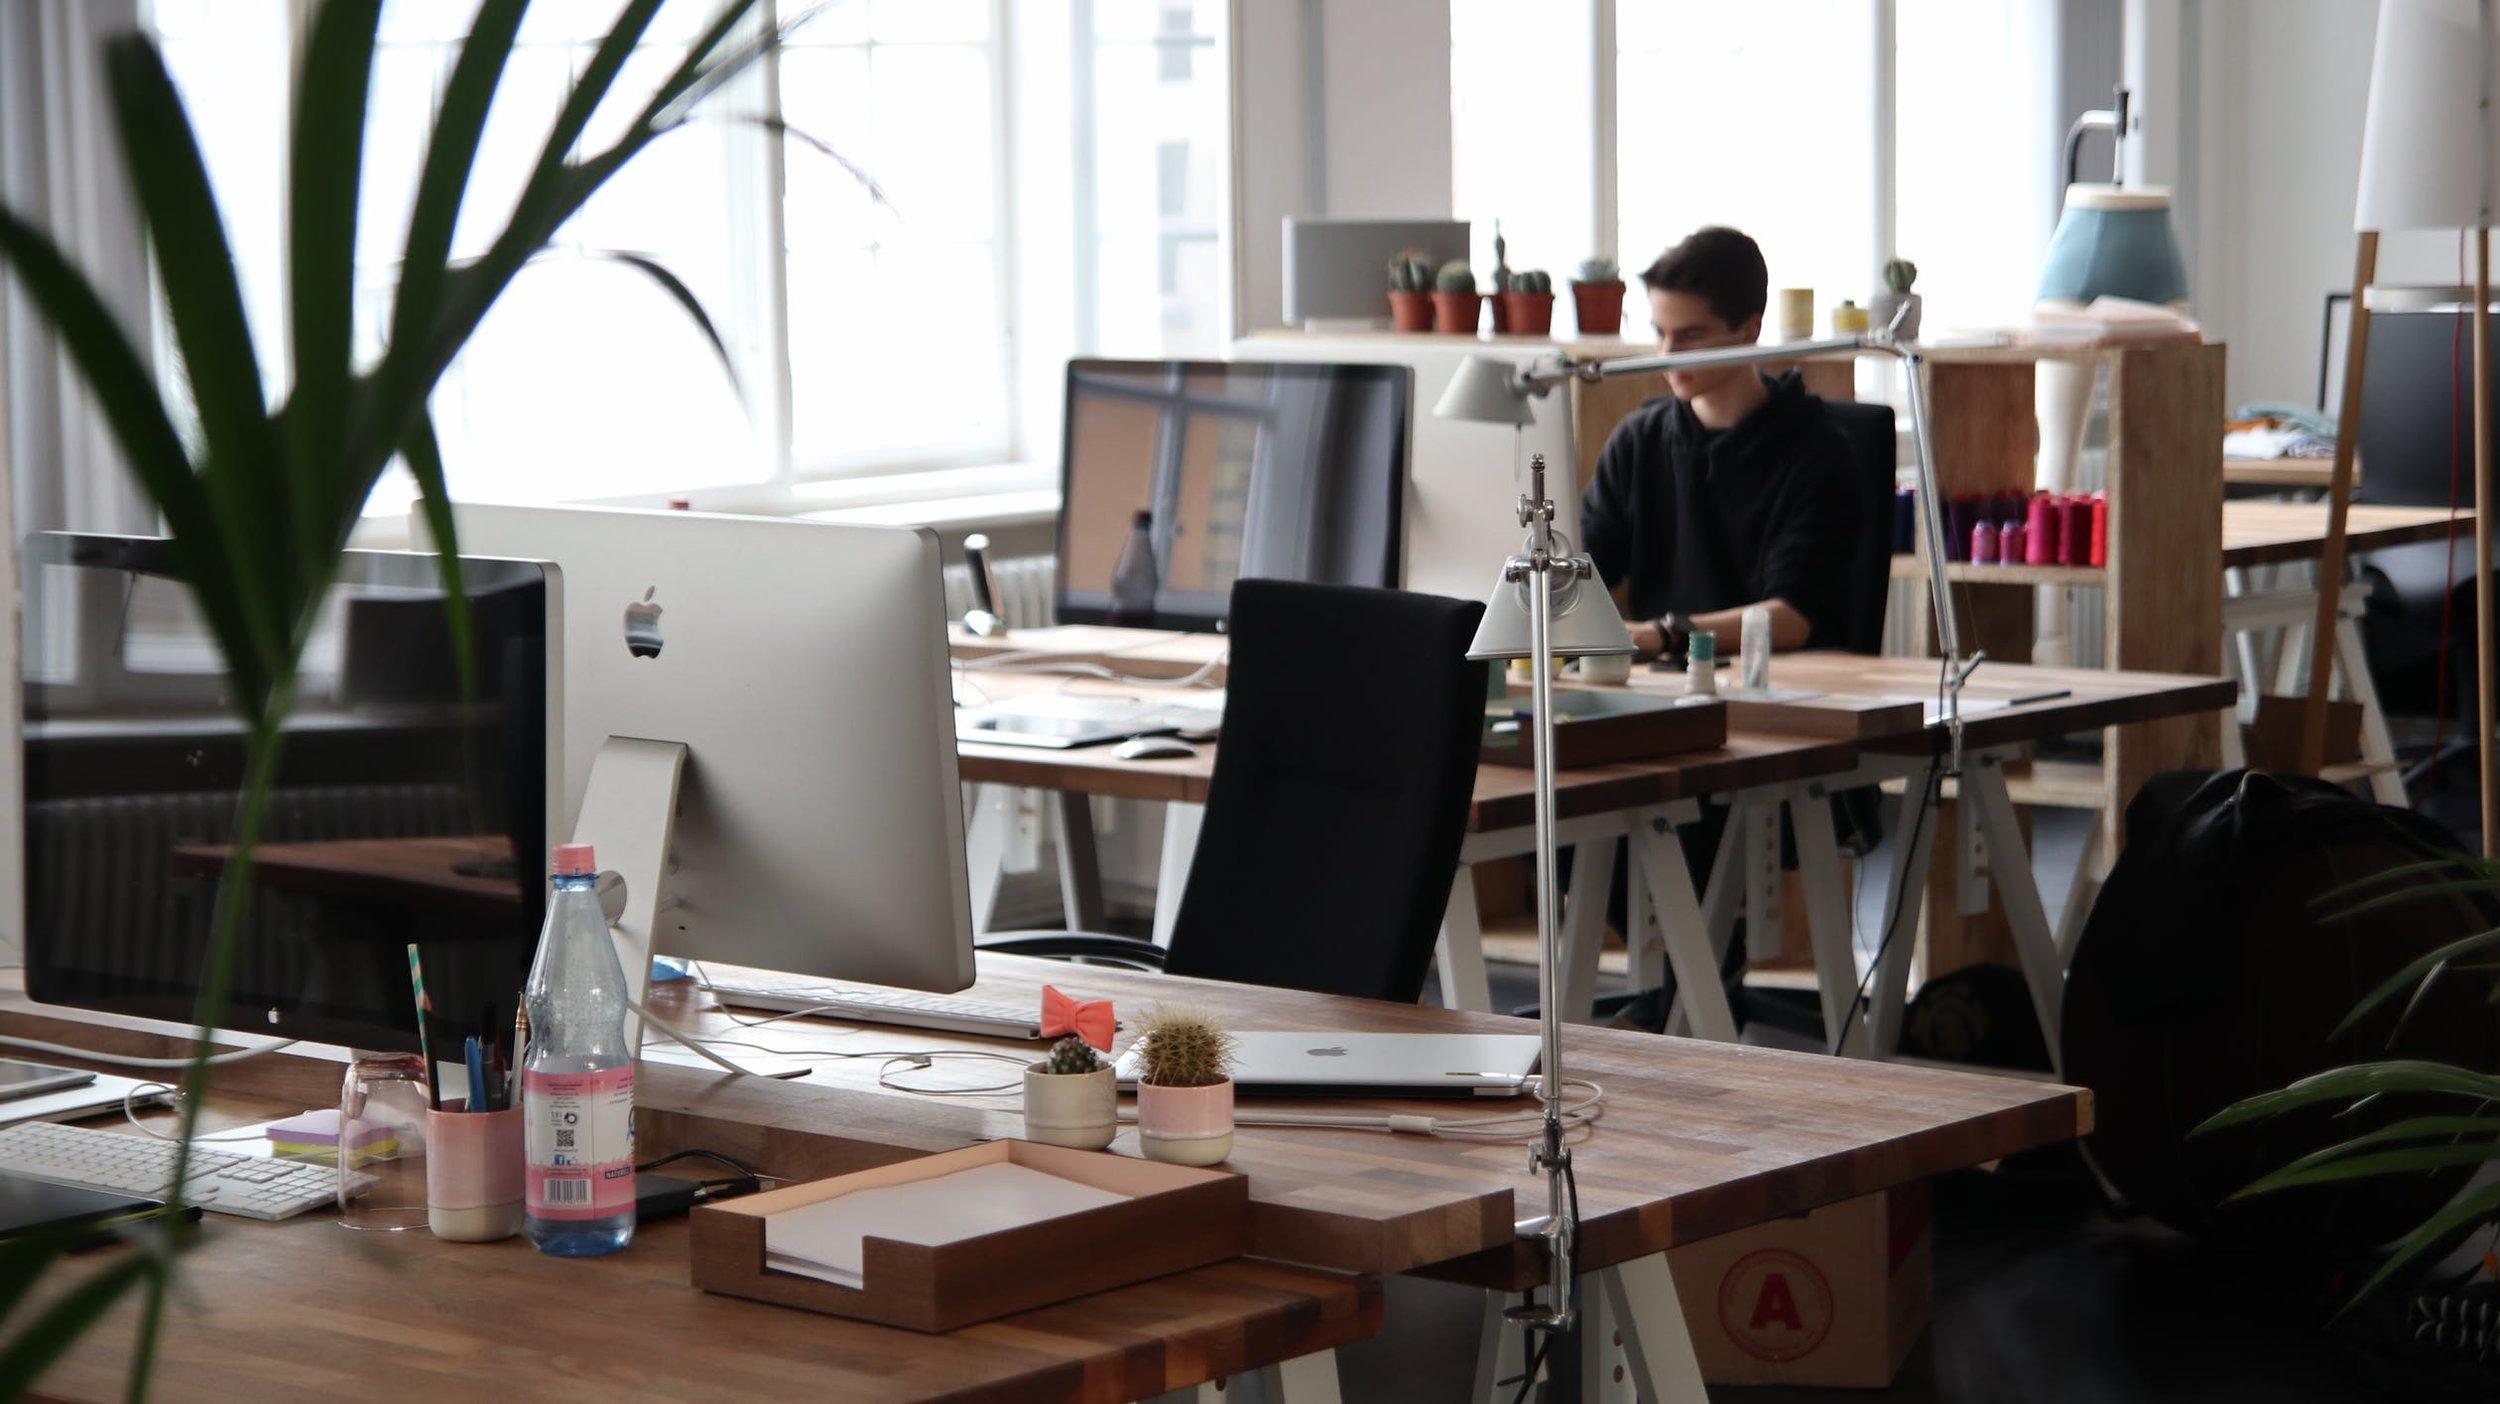 SQSP-design-studio-photo-.jpeg